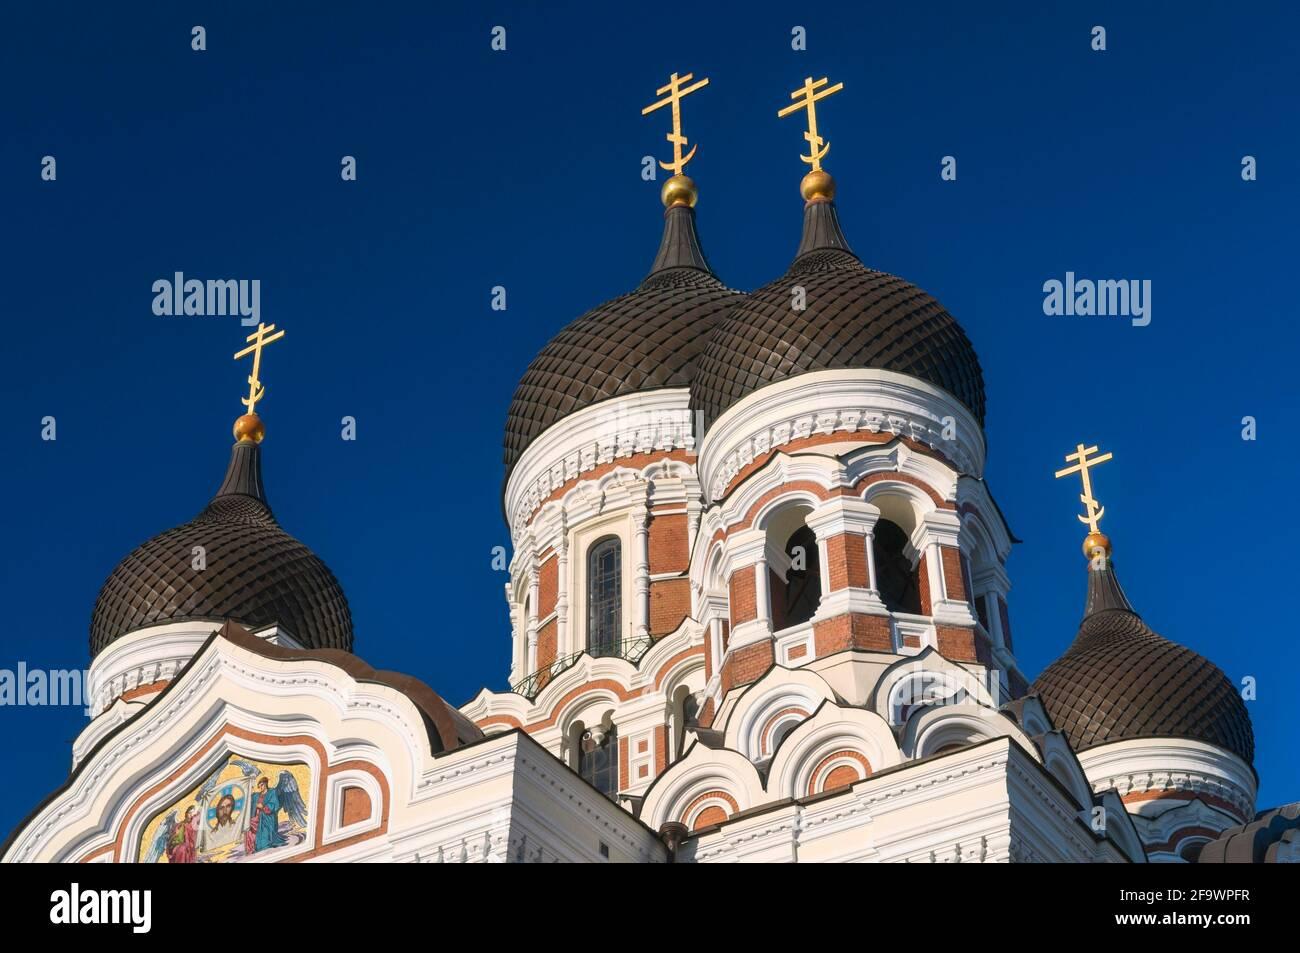 Alexander-Newski-Kathedrale Toompea Tallinn Estland Stockfoto